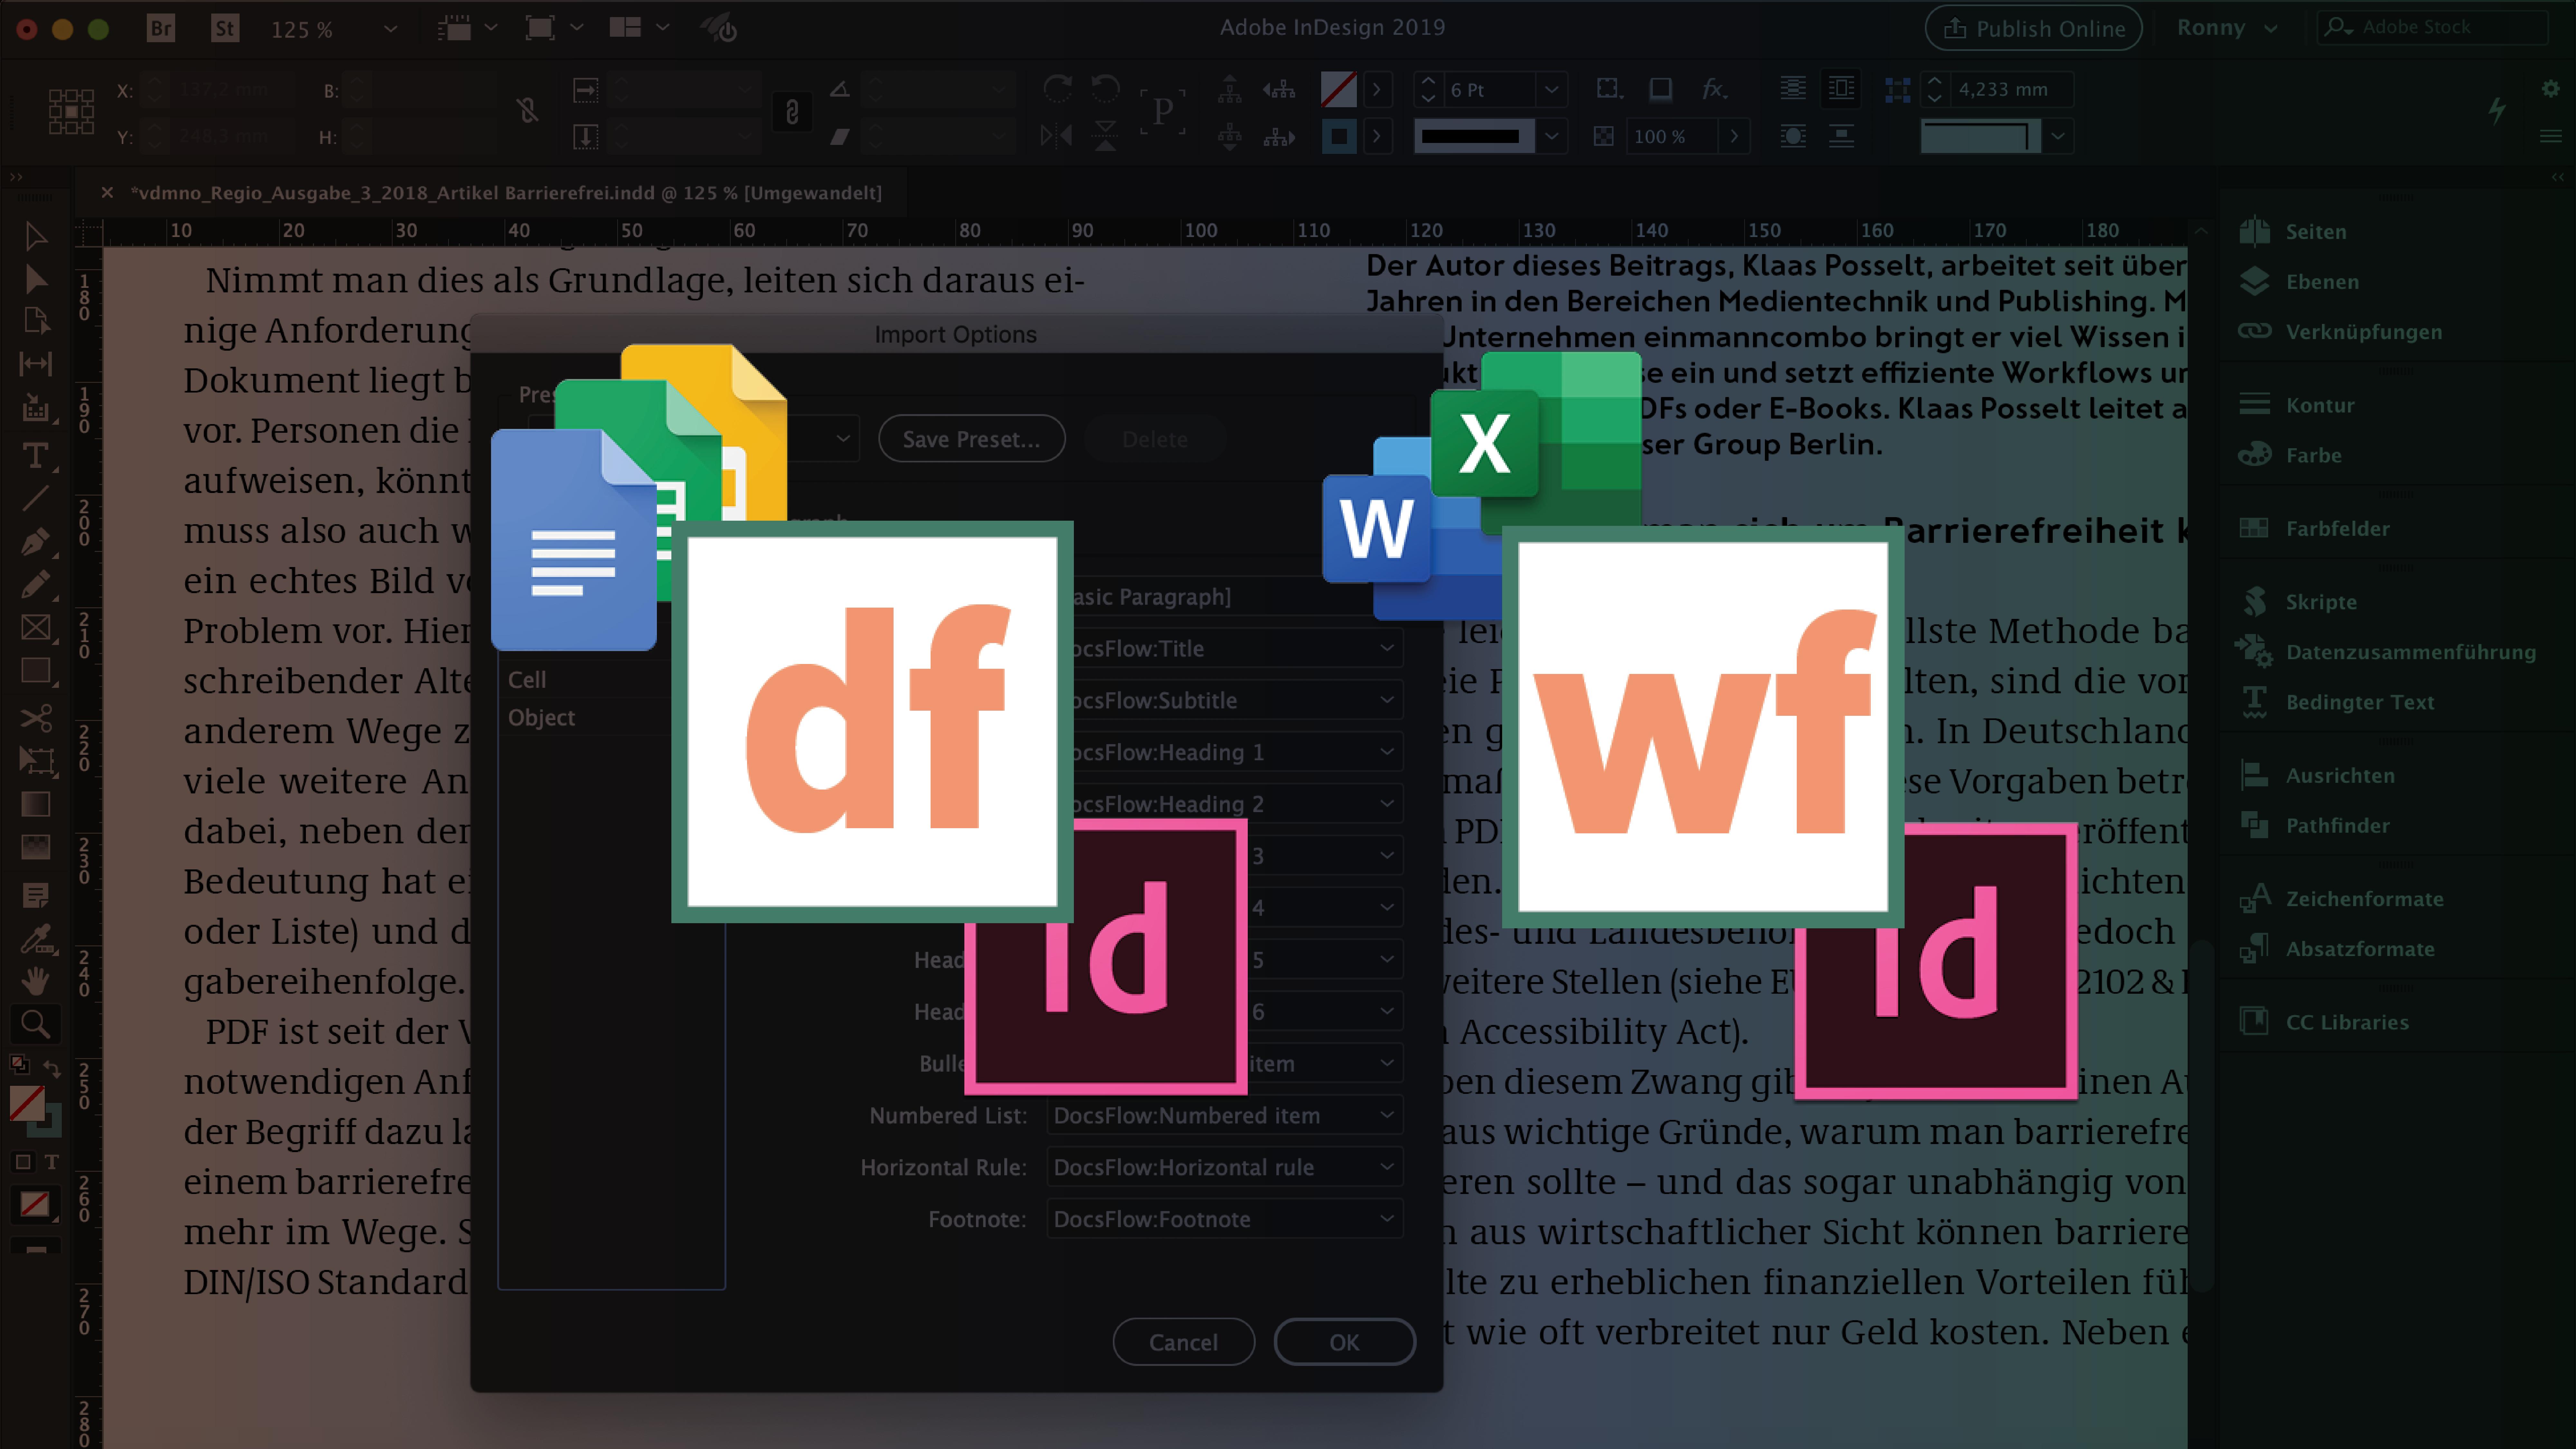 Die Software-Icons von DocsFlow und WordsFlow nebeneinander vor einem halb transparenten Hintergrund mit einem geöffneten InDesign-Dokument